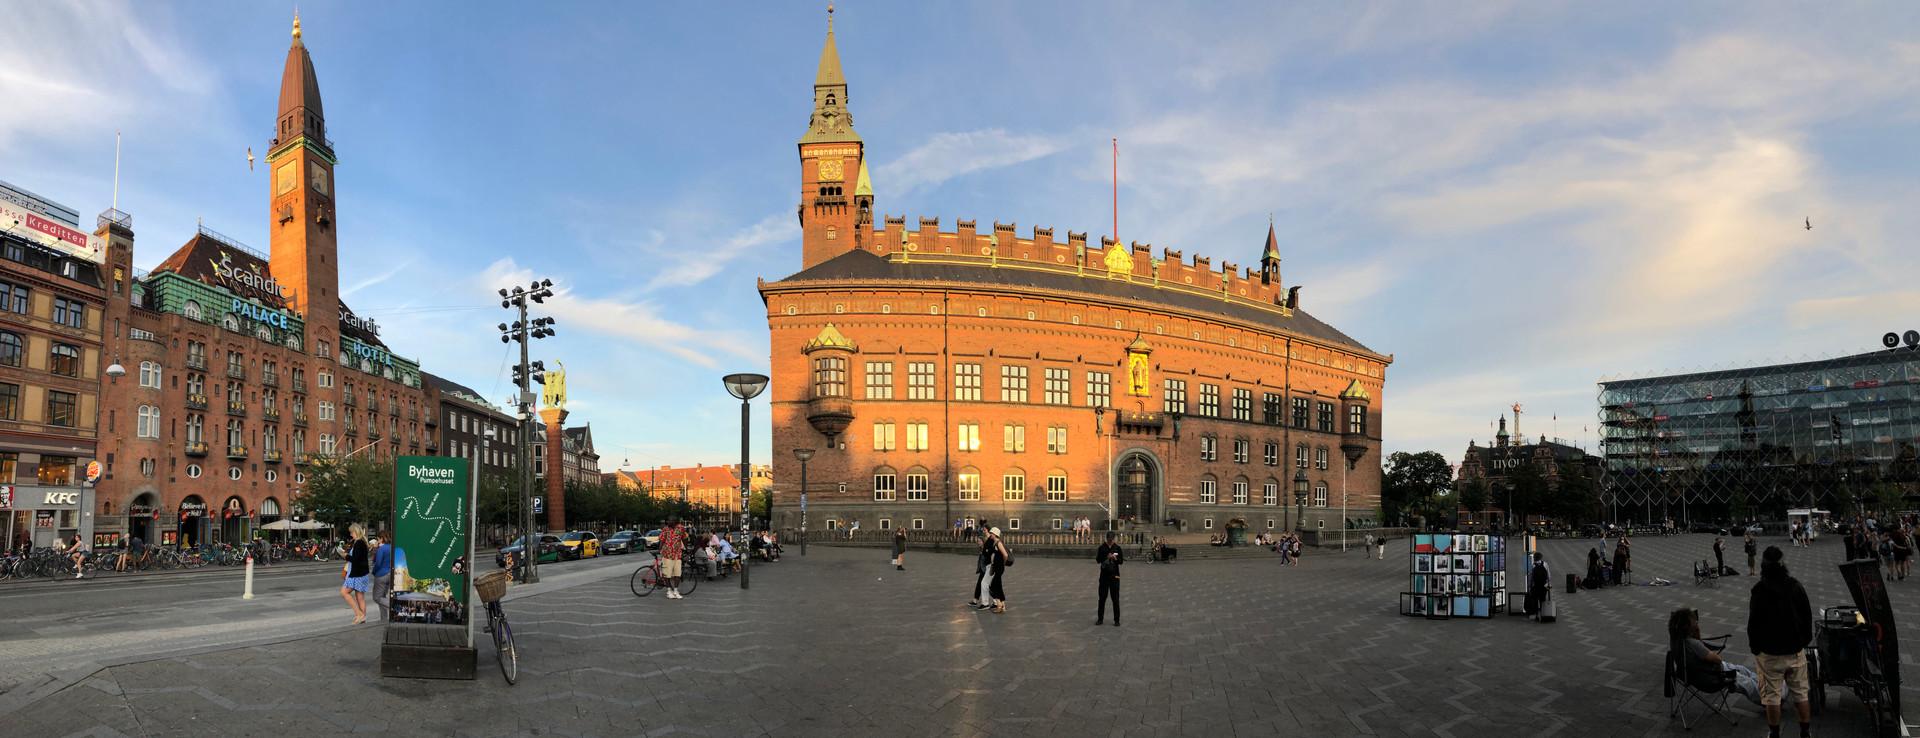 Kopenhagen (Dänemark)